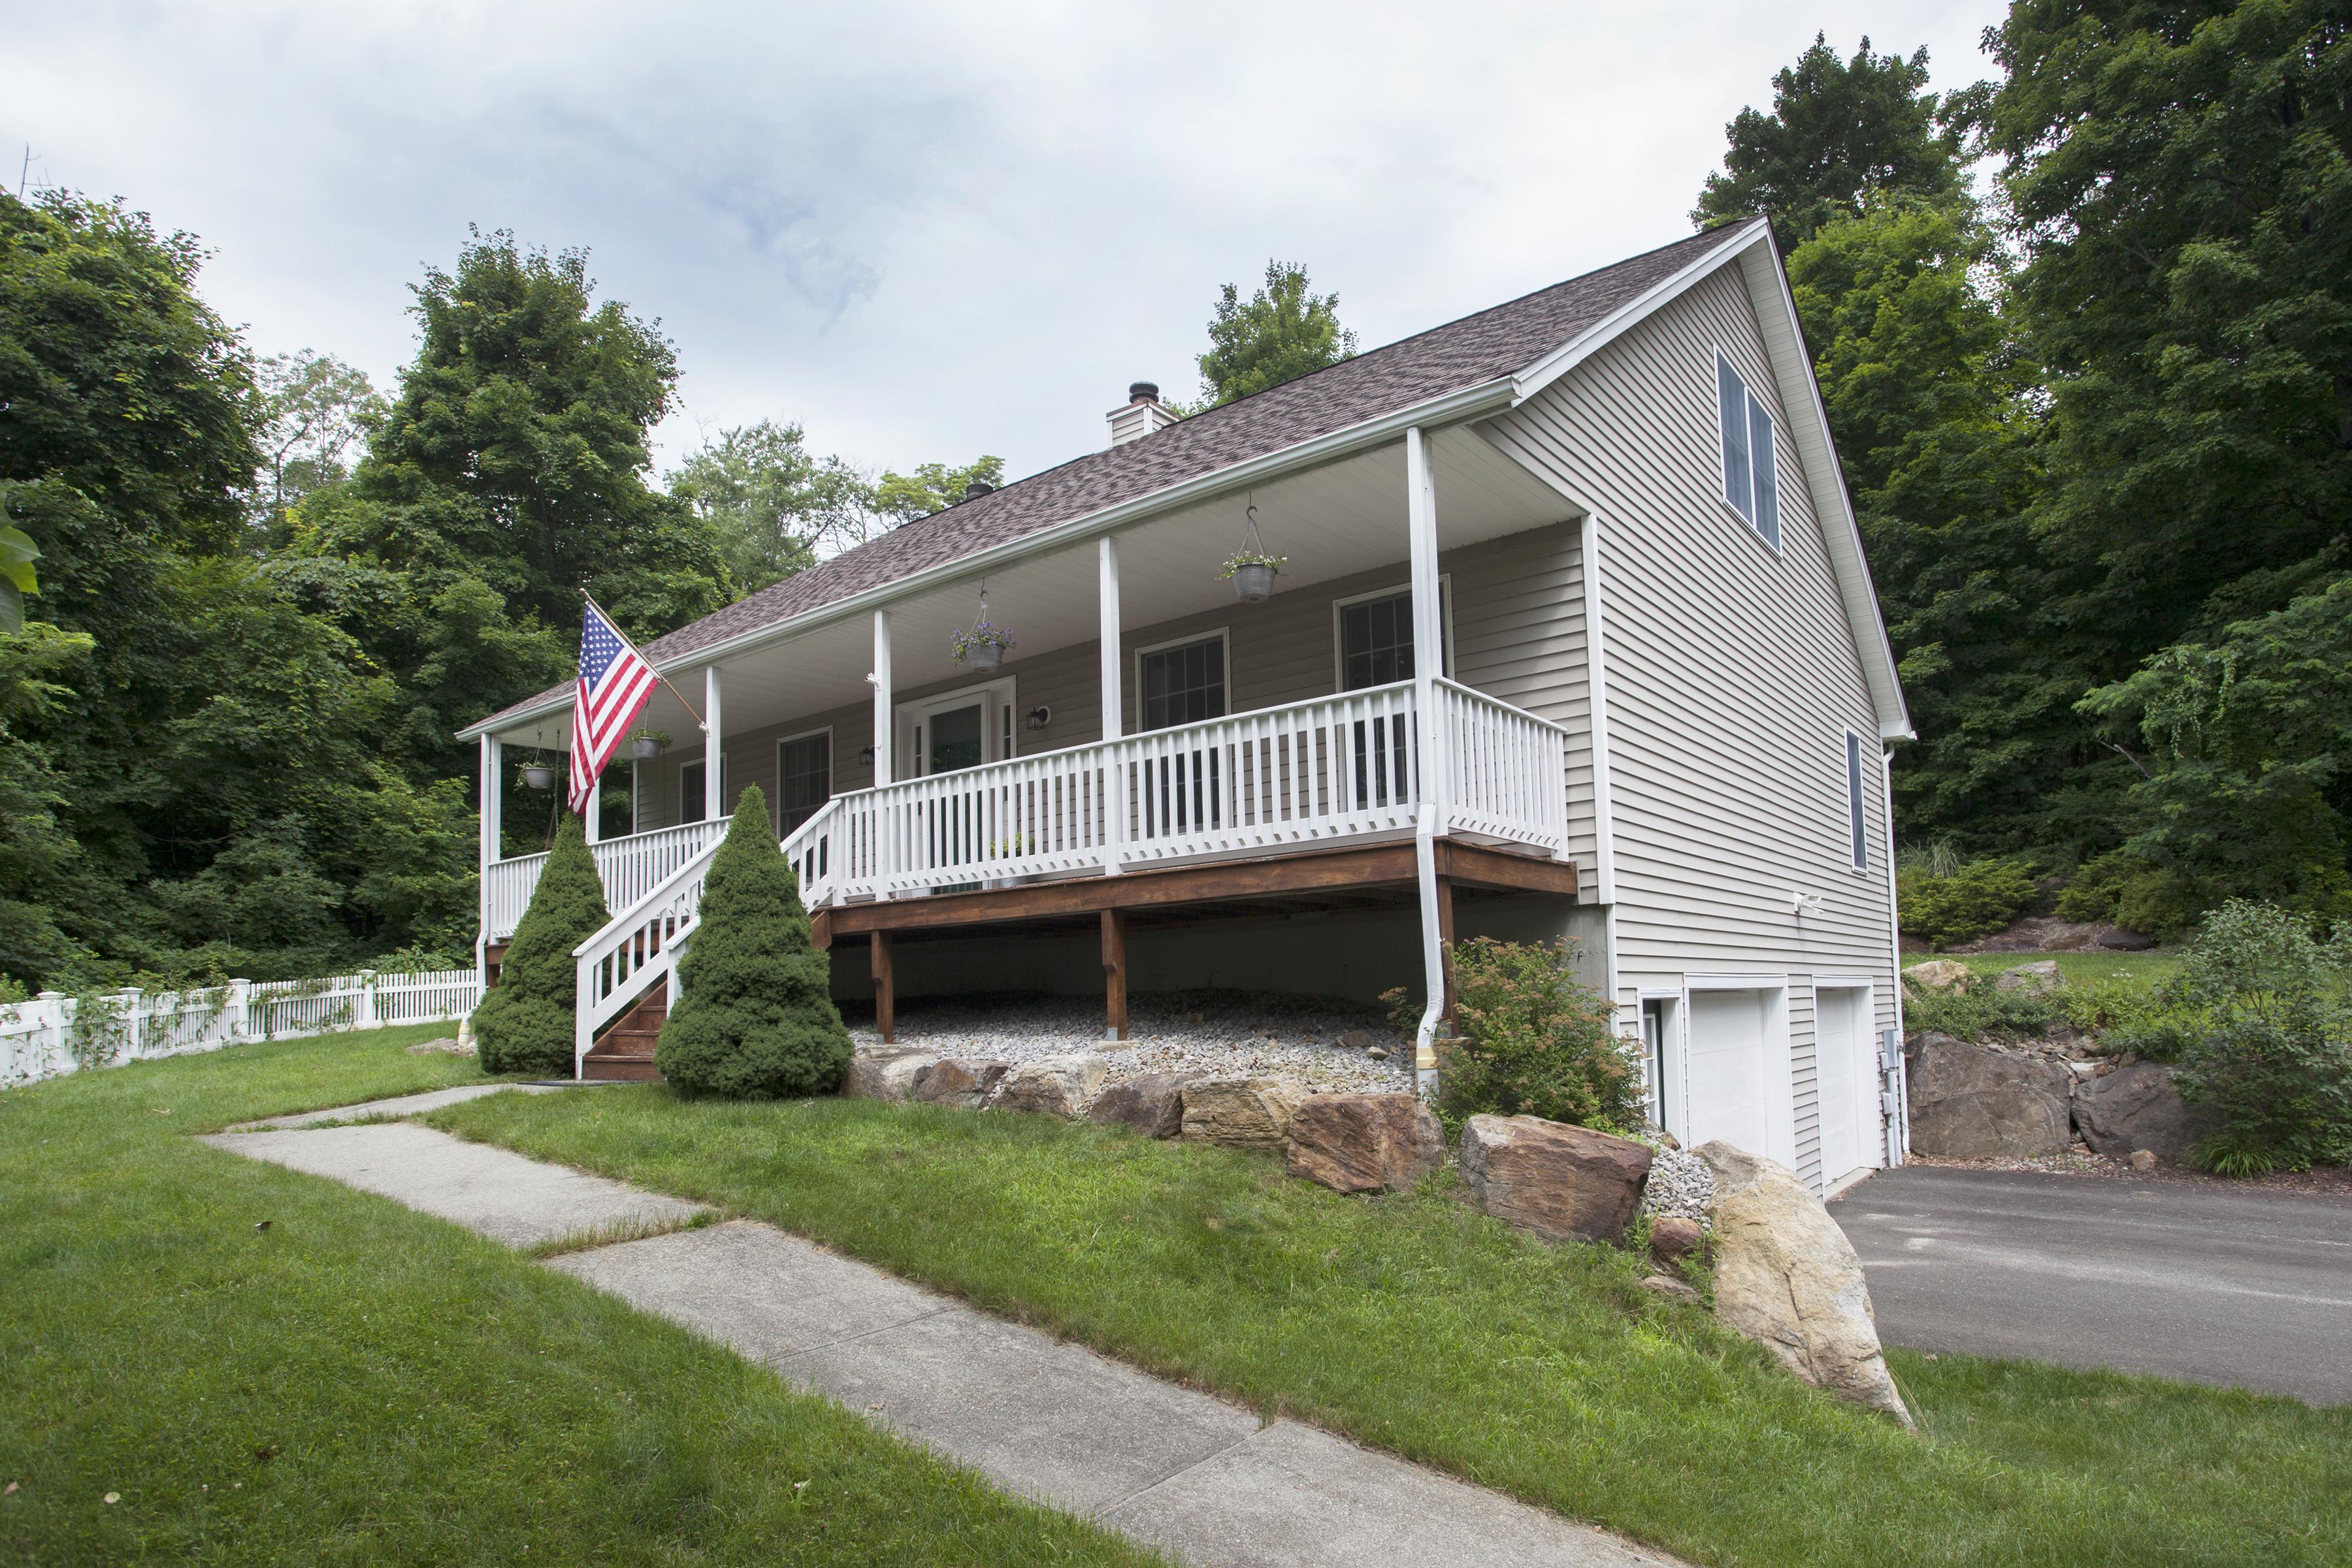 Casa para uma família para Venda às Cape Cod With Classic Front Porch 49 Ball Pond Road Danbury, Connecticut 06811 Estados Unidos